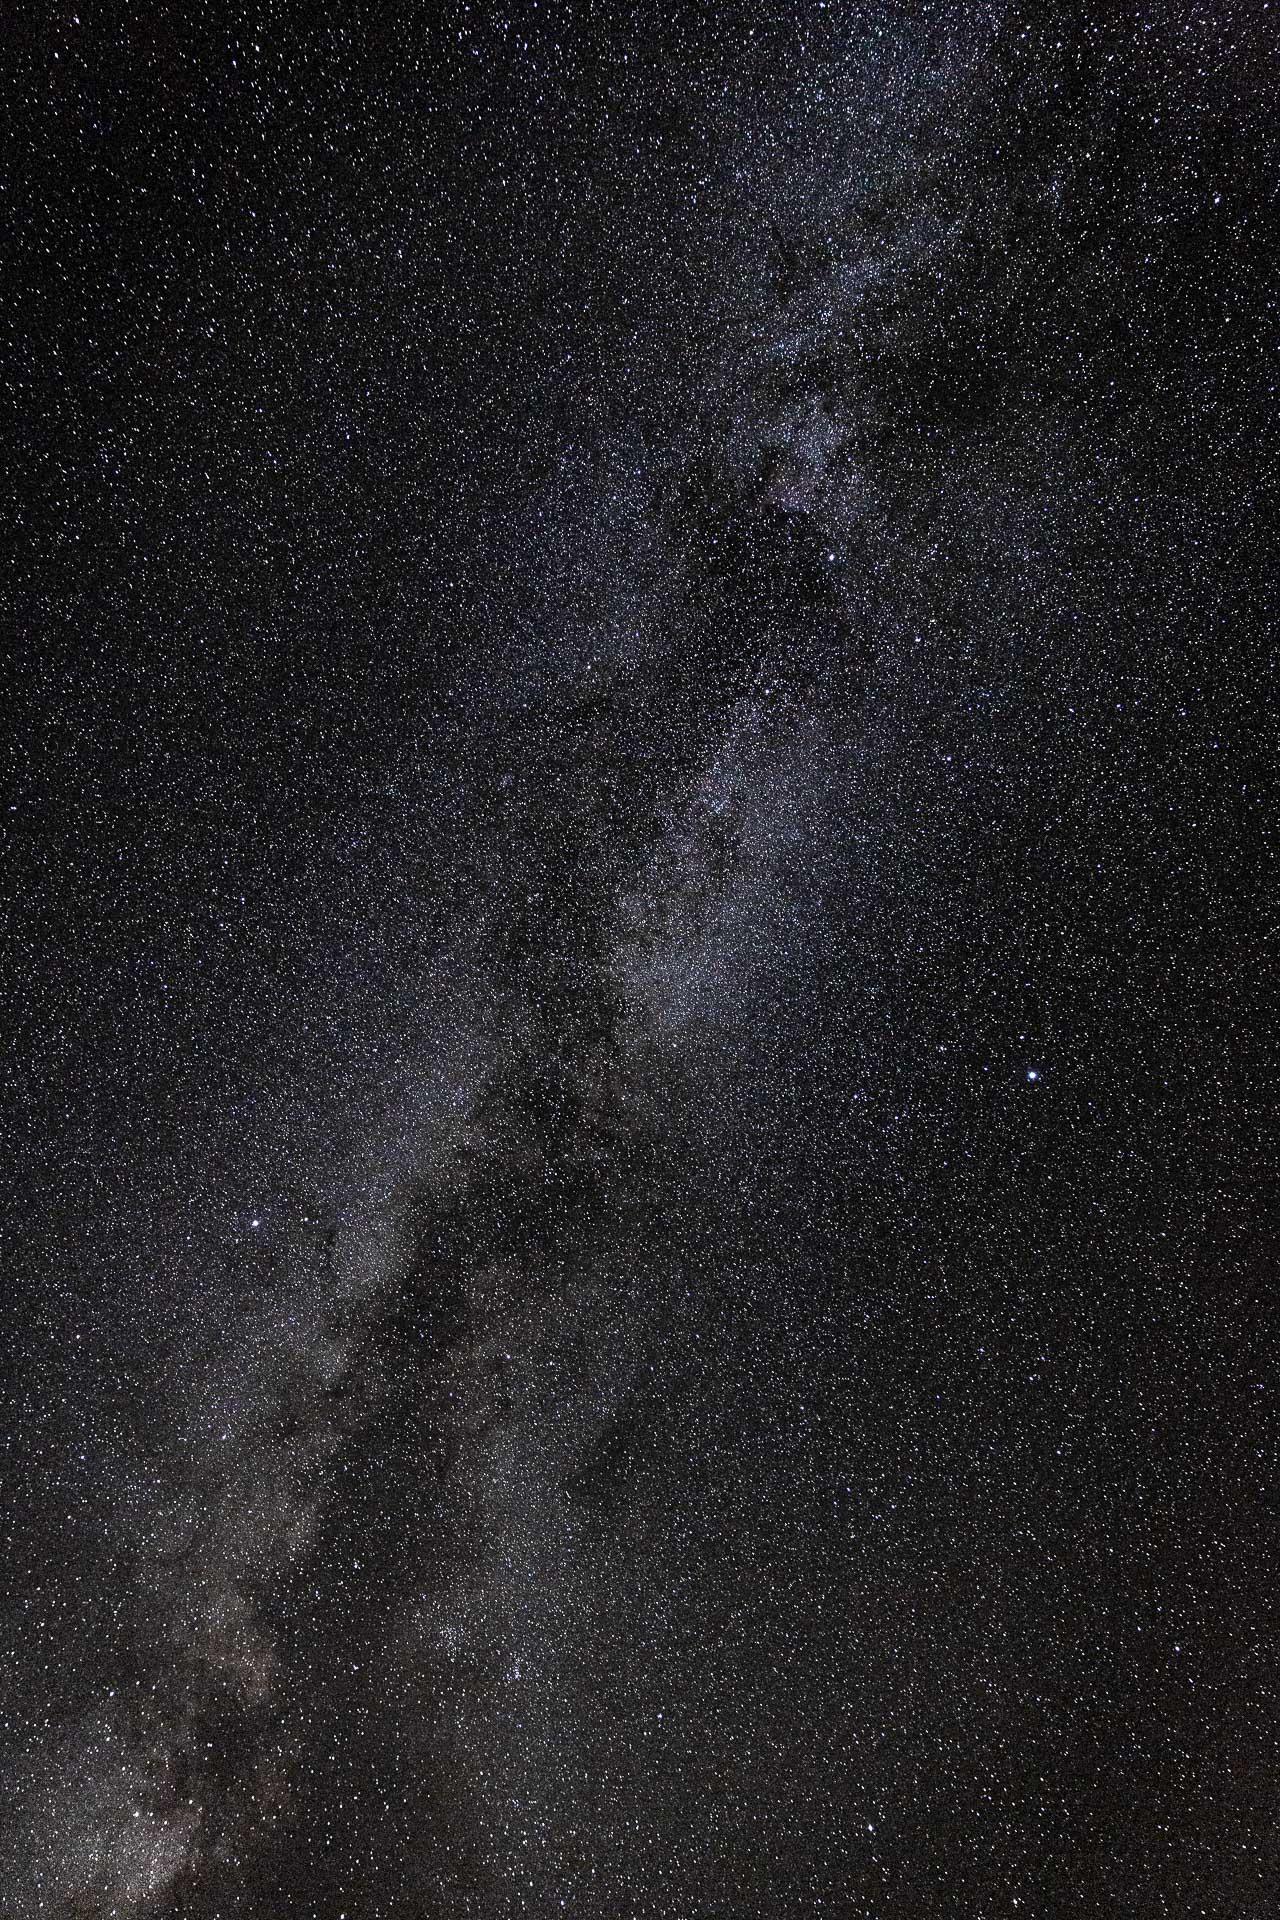 Bei Details des Sternenhimmels mit einem Tele-Objektiv erzeugt dein Foto auch ohne Vordergrund eine beeindruckende Wirkung.